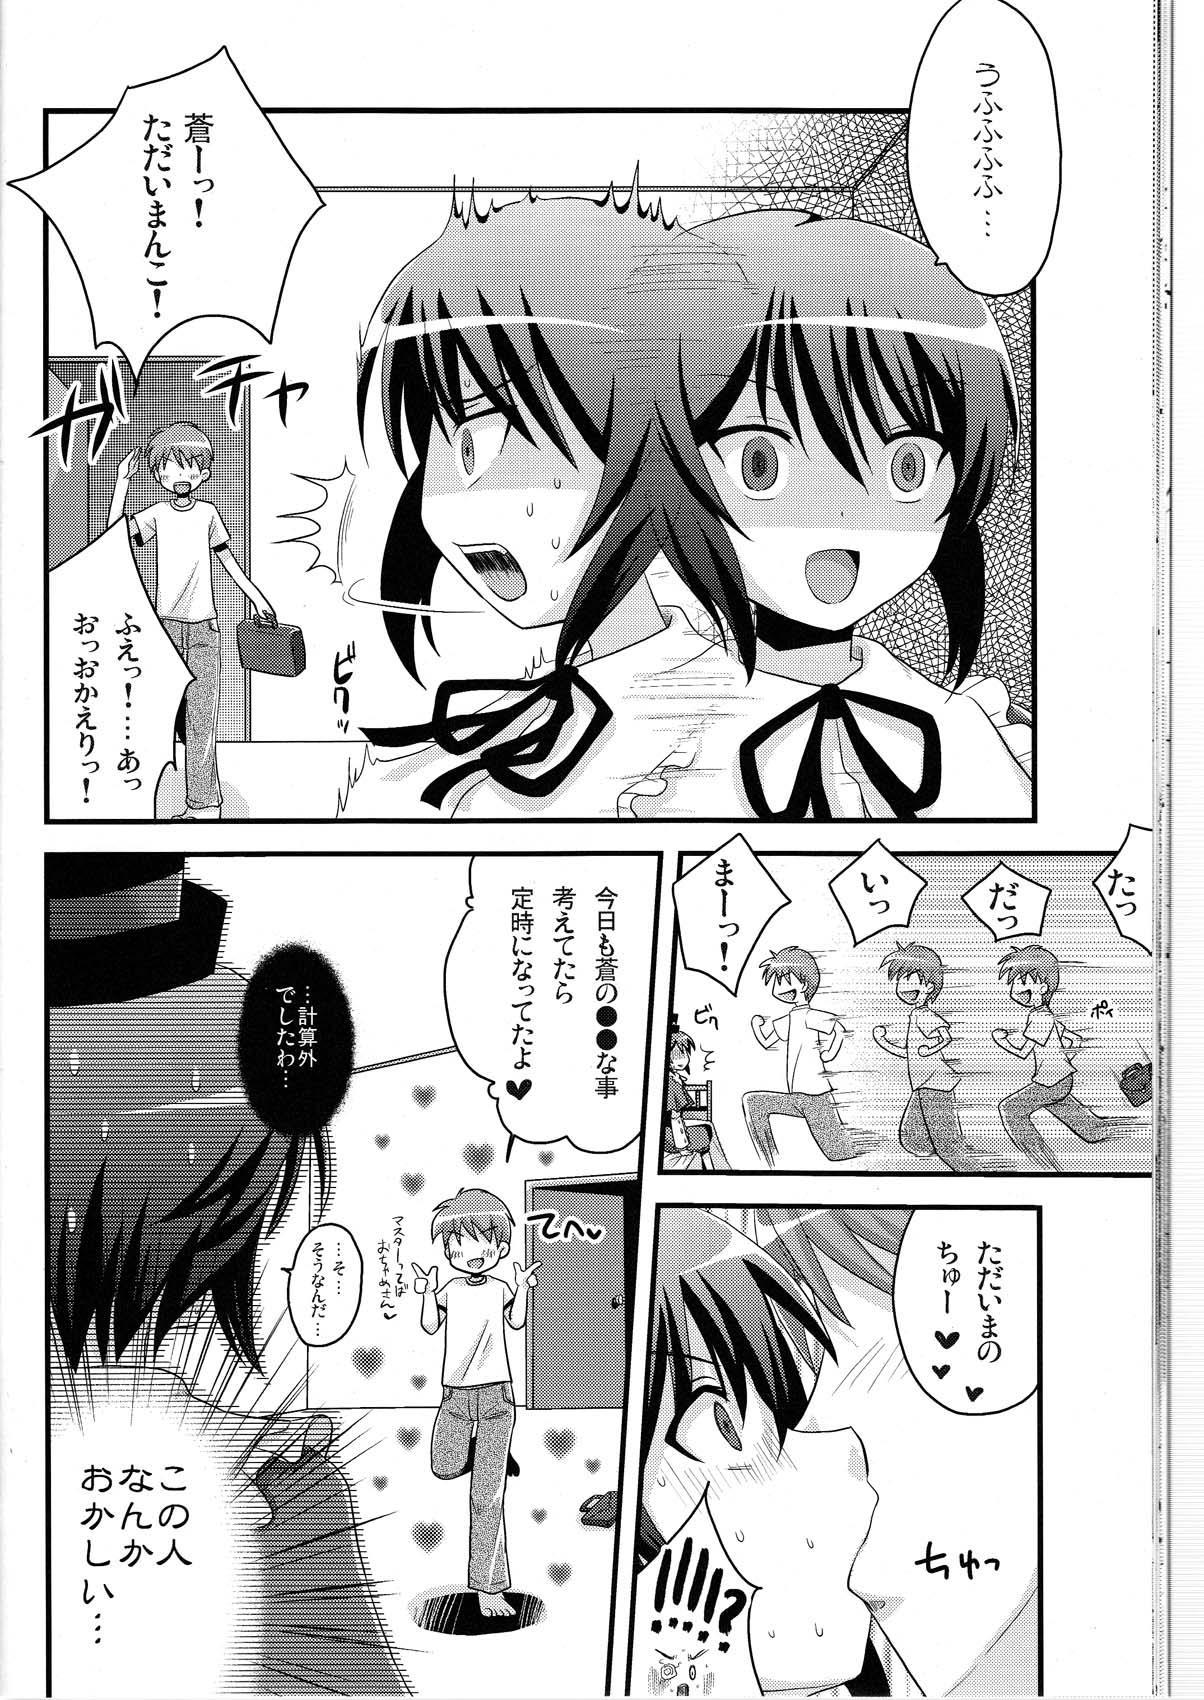 Souseiseki Hokan Keikaku 21